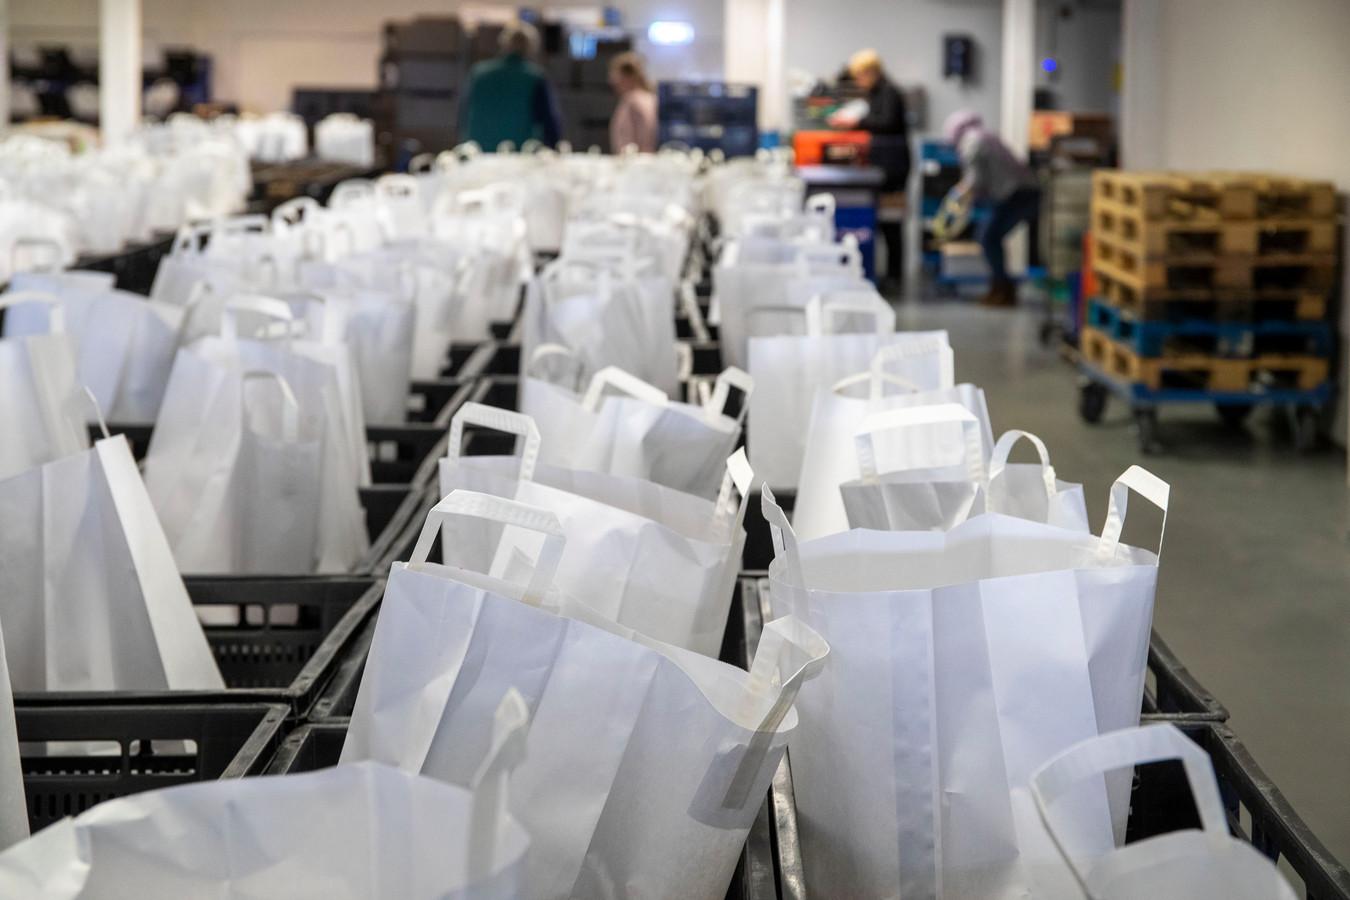 Voedselpakketten in papieren tassen. Foto ter illustratie.